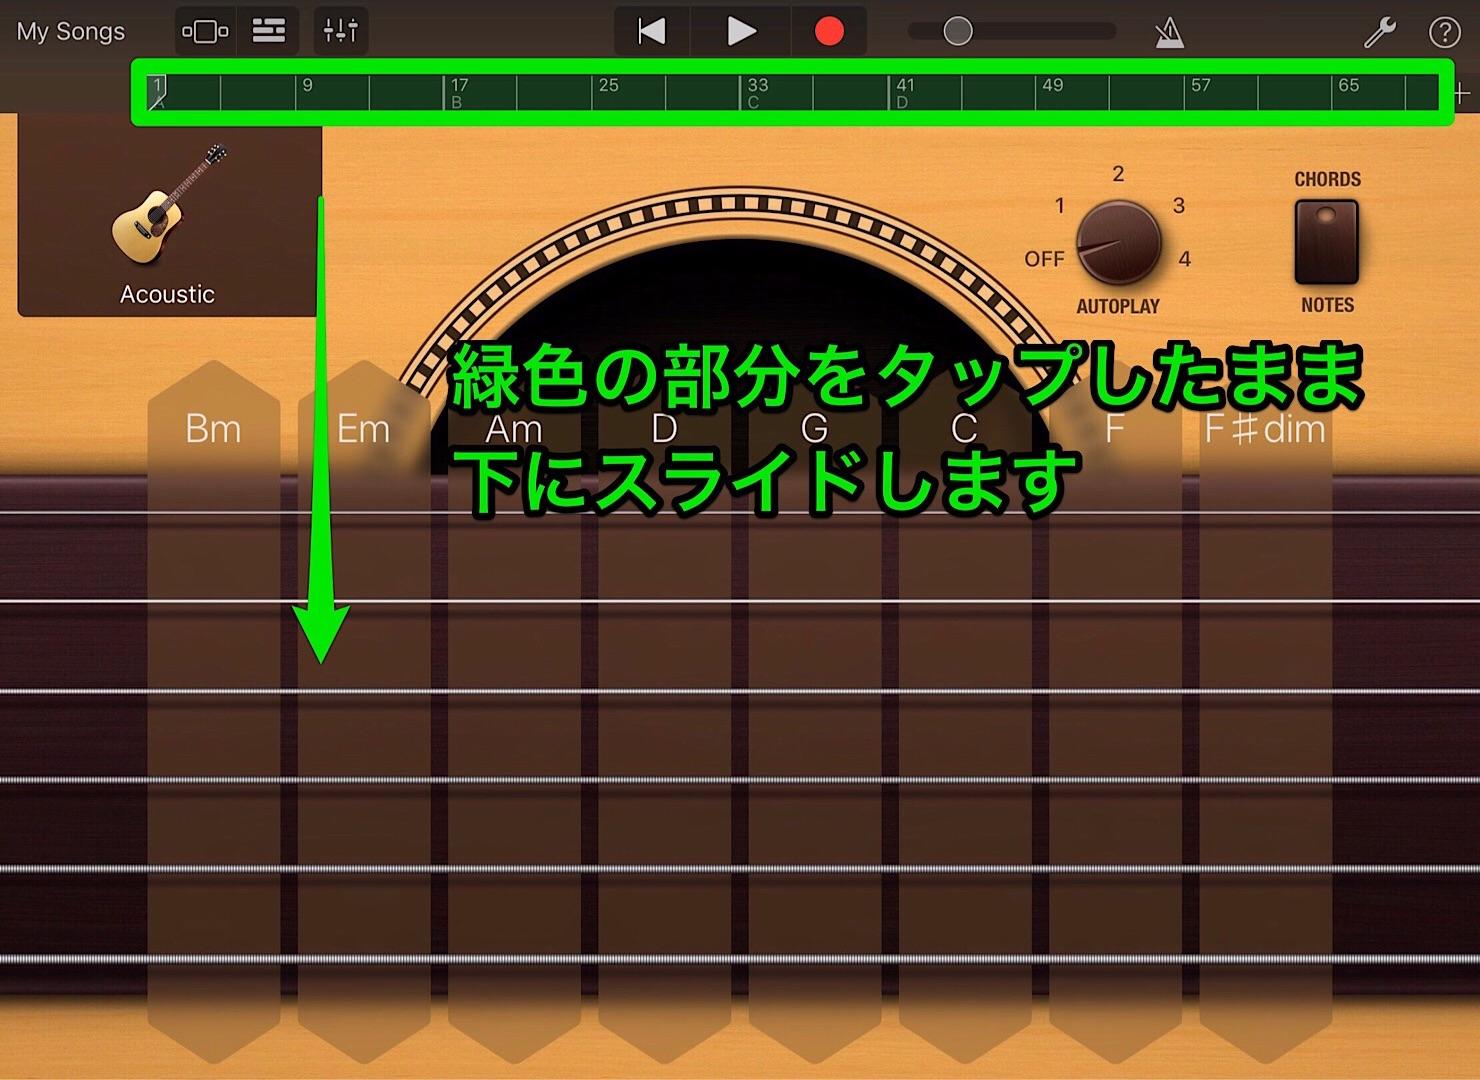 garageband-ios-ver2-edit-sound-1-1